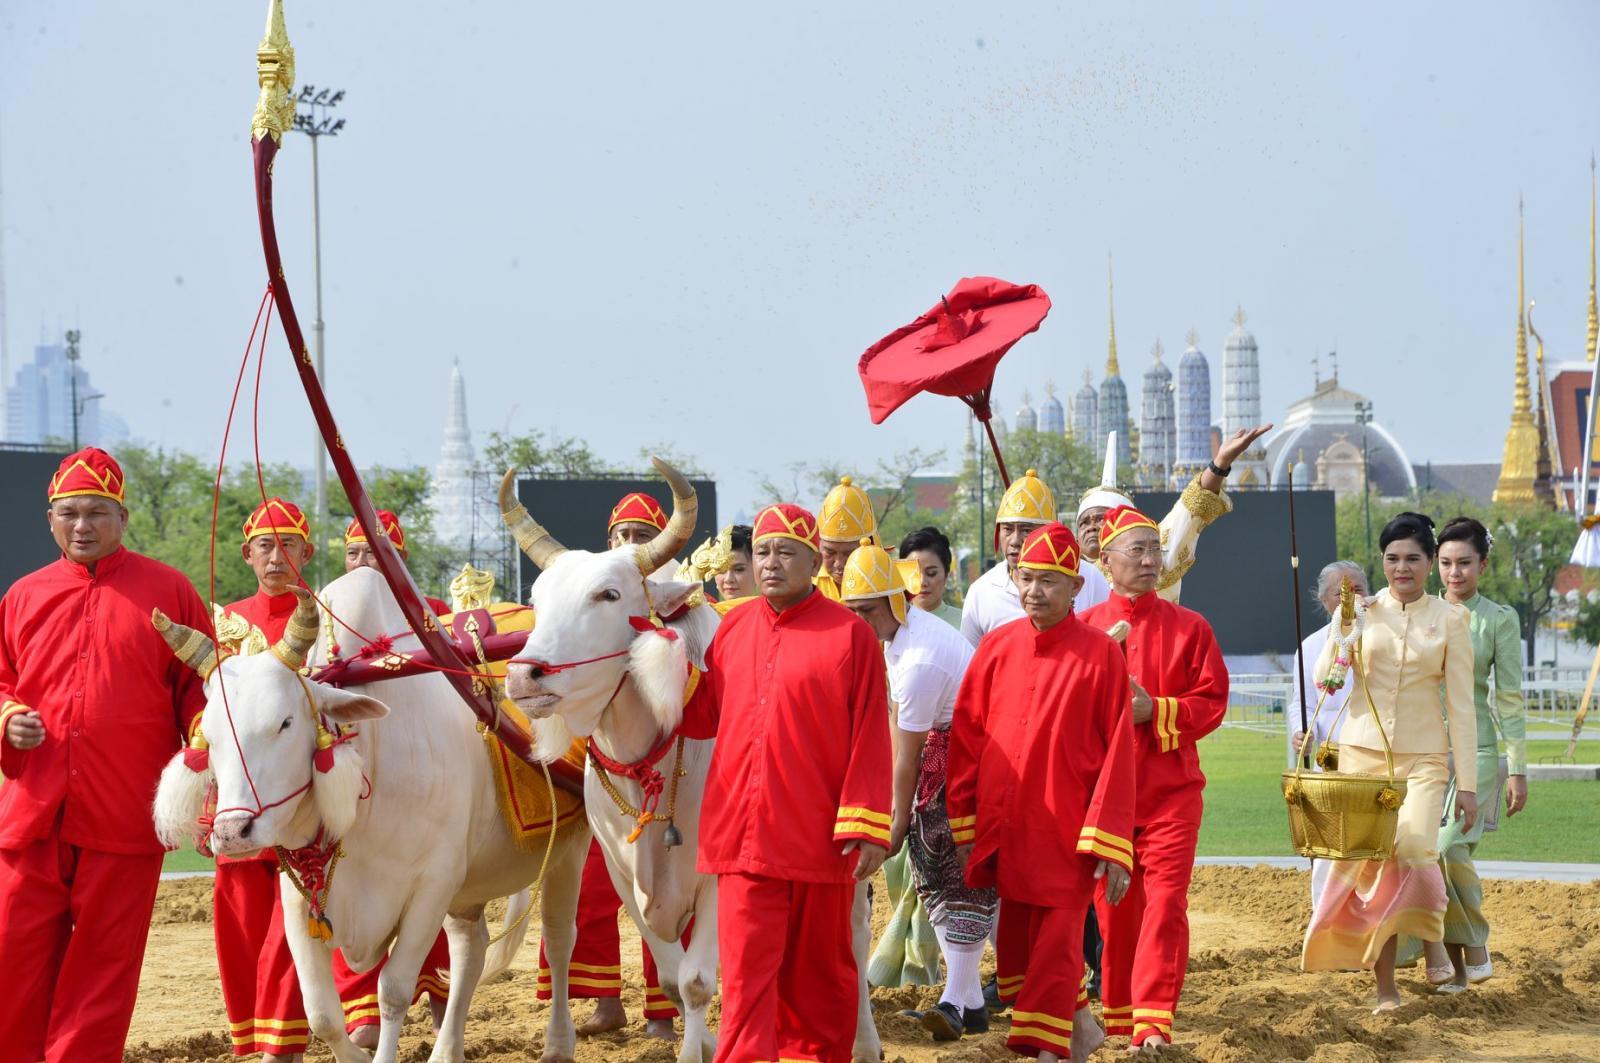 กระทรวงเกษตรฯ ซ้อมใหญ่พระราชพิธีพืชมงคลจรดพระนังคัลแรกนาขวัญ 2562 ณ มณฑลพิธีท้องสนามหลวง